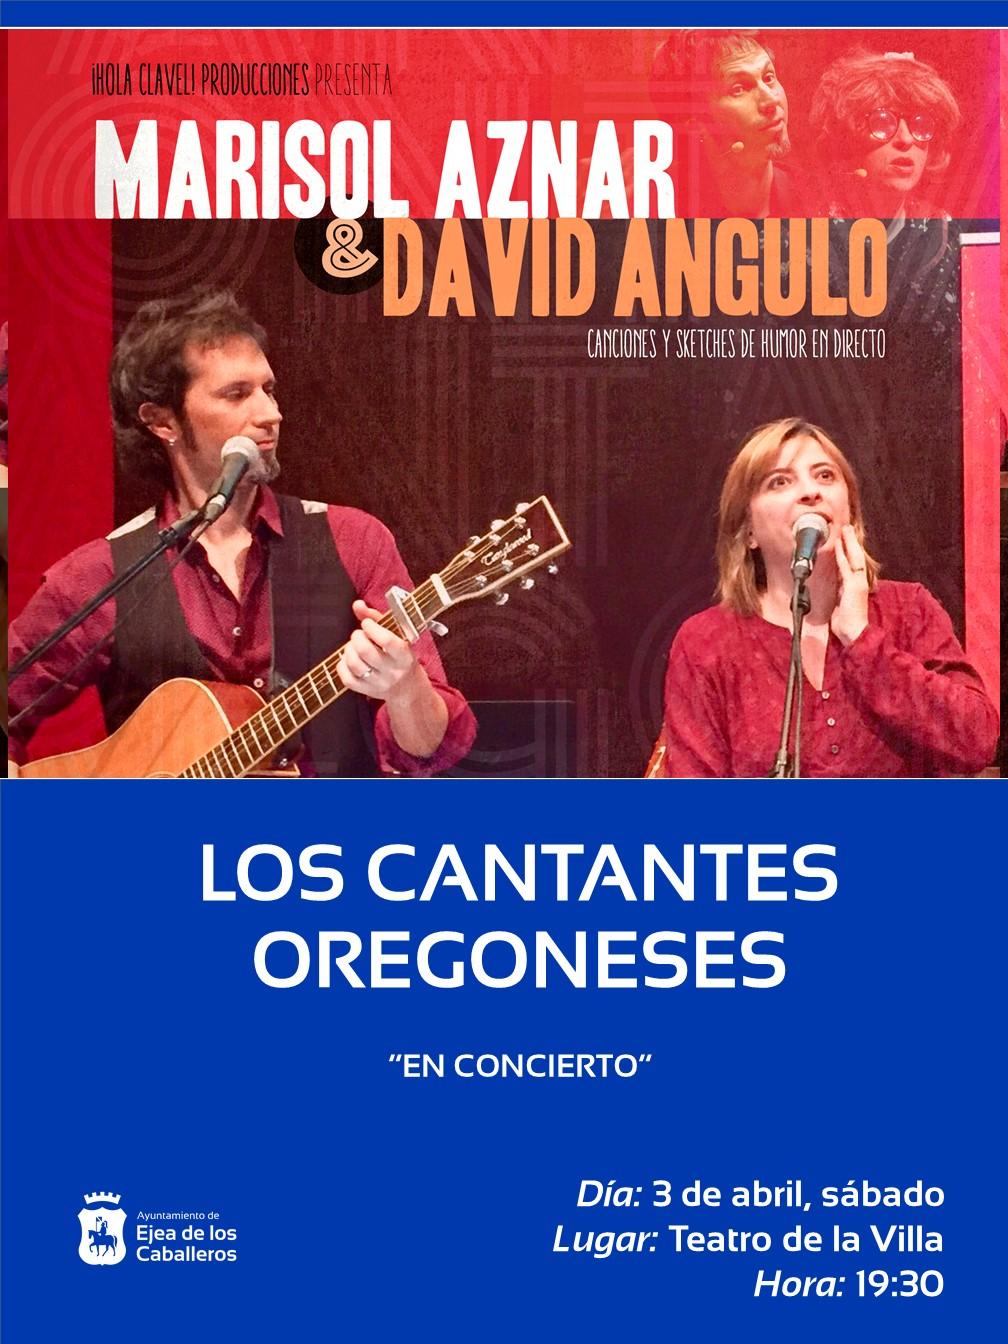 Los cantantes oregoneses, Marisol Aznar y David Angulo, abren la programación cultural de primavera